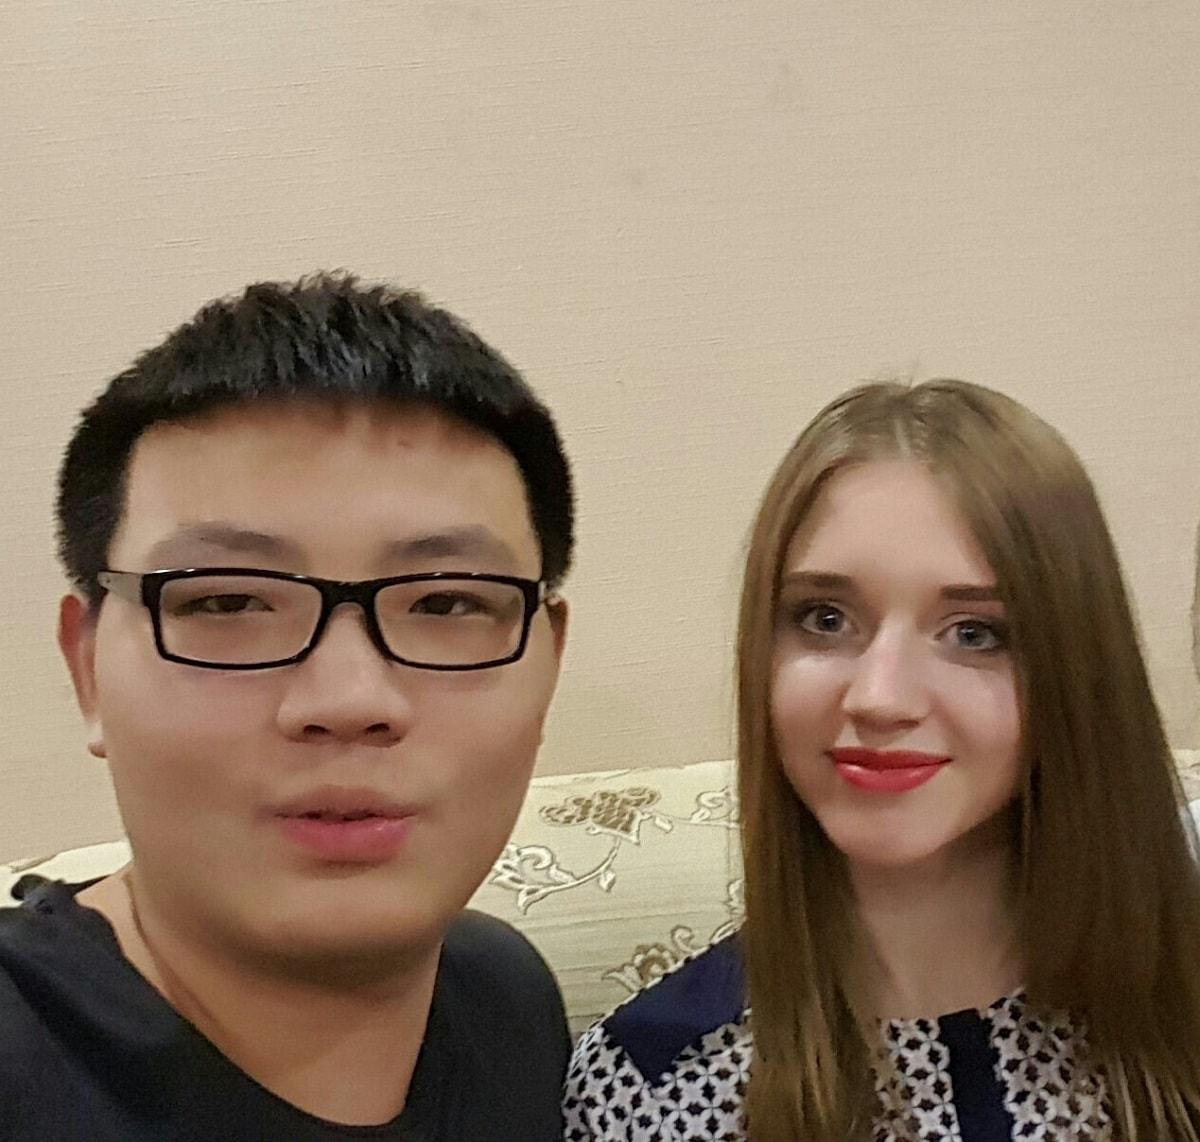 我和俄罗斯朋友的聚餐合影2016年 俄罗斯留学